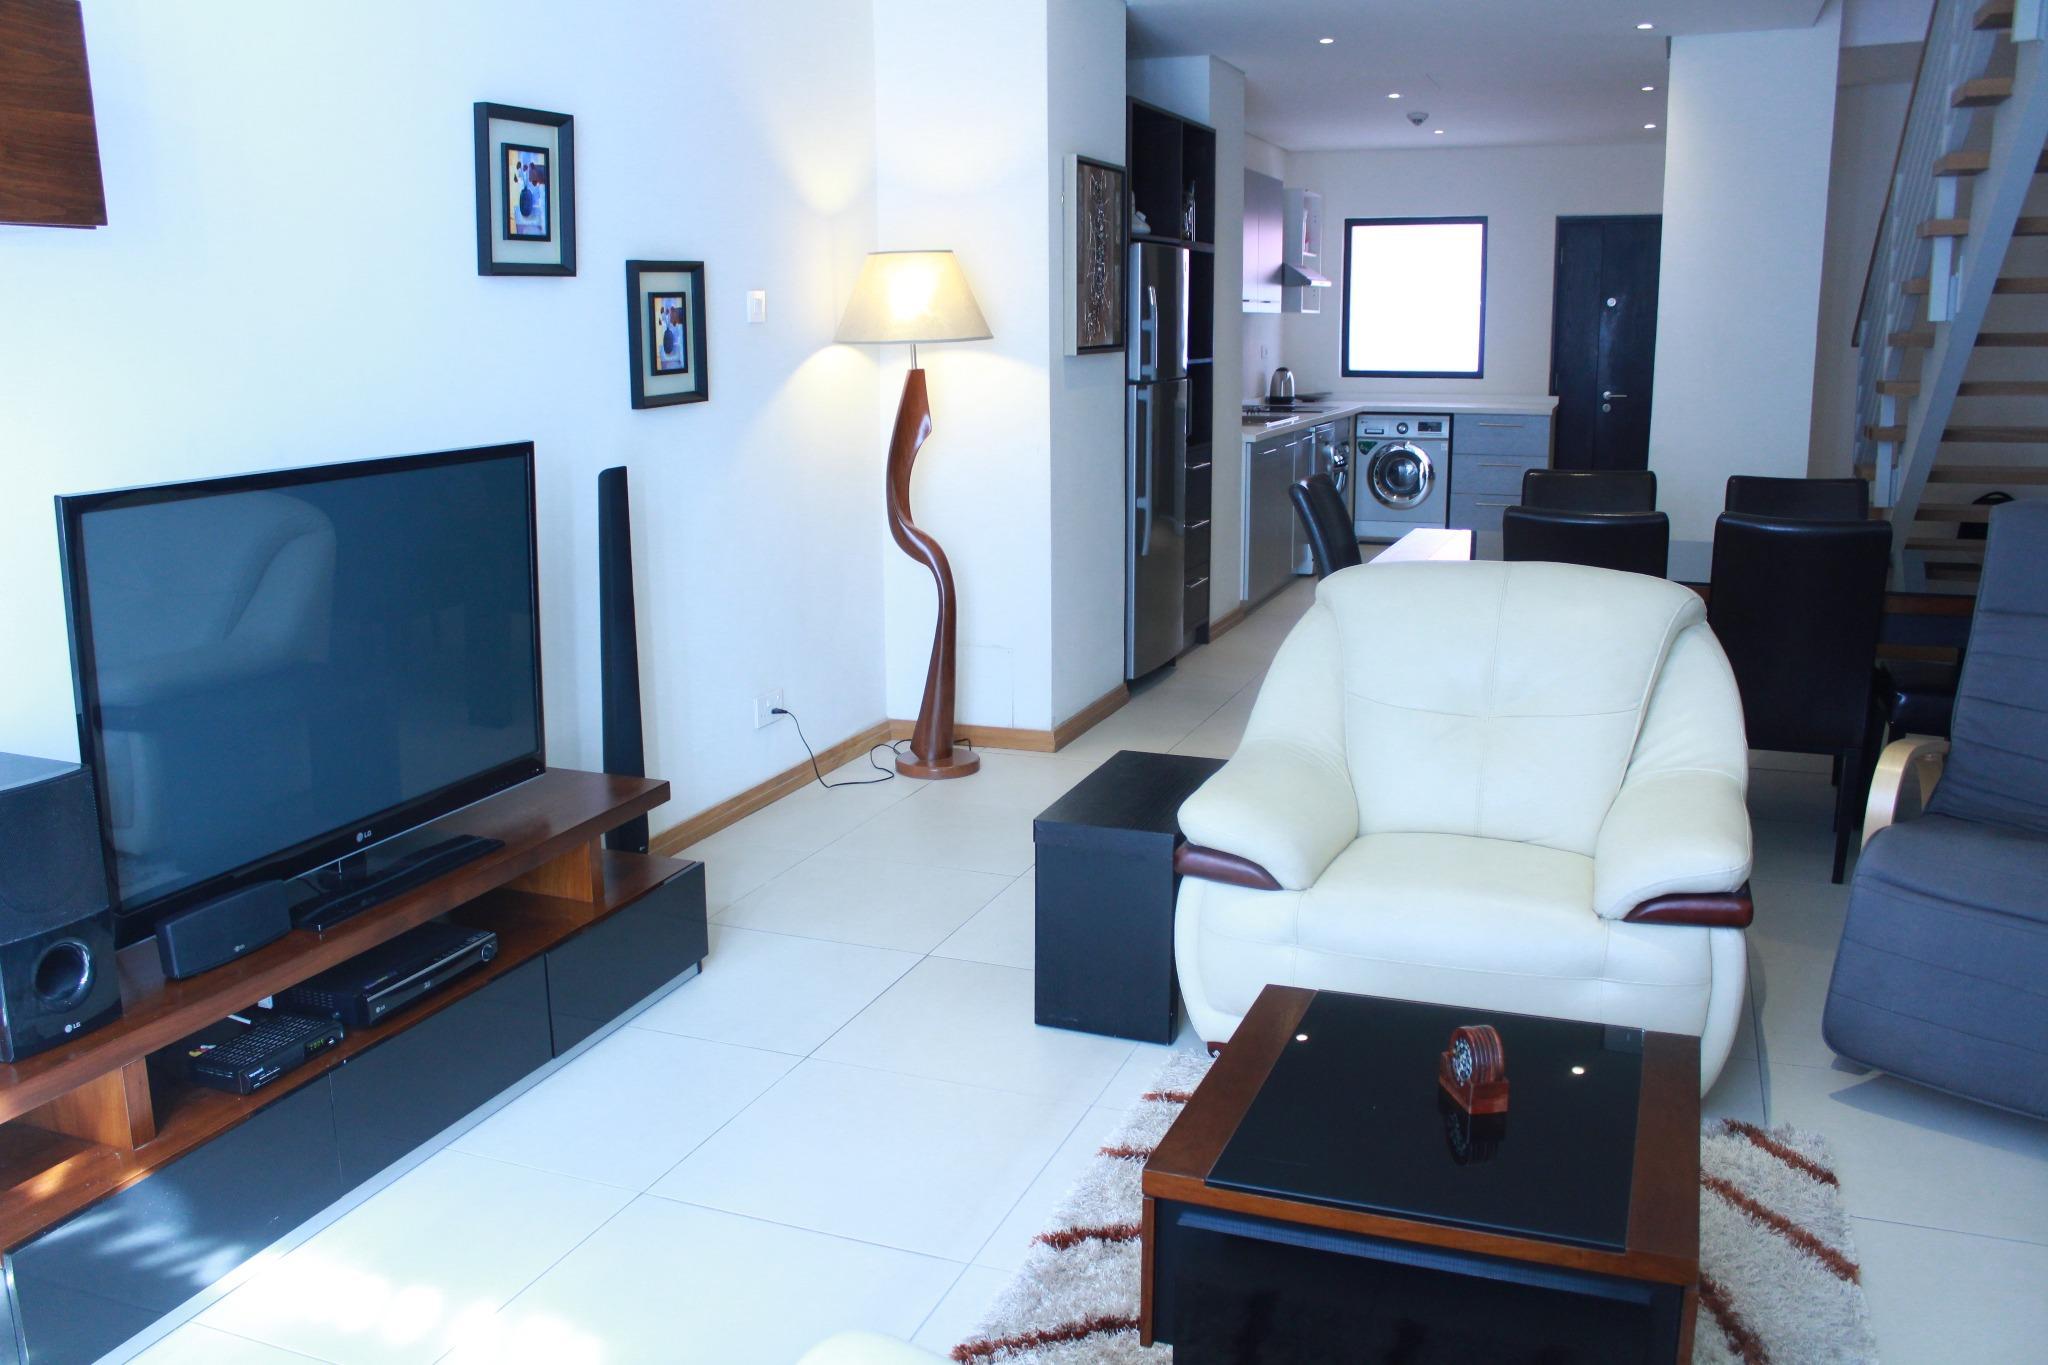 A louer – Bel appartement de 131 m2 meublé et équipé à Grand-Baie, situé dans le complexe résidentiel et commercial de la Croisette.